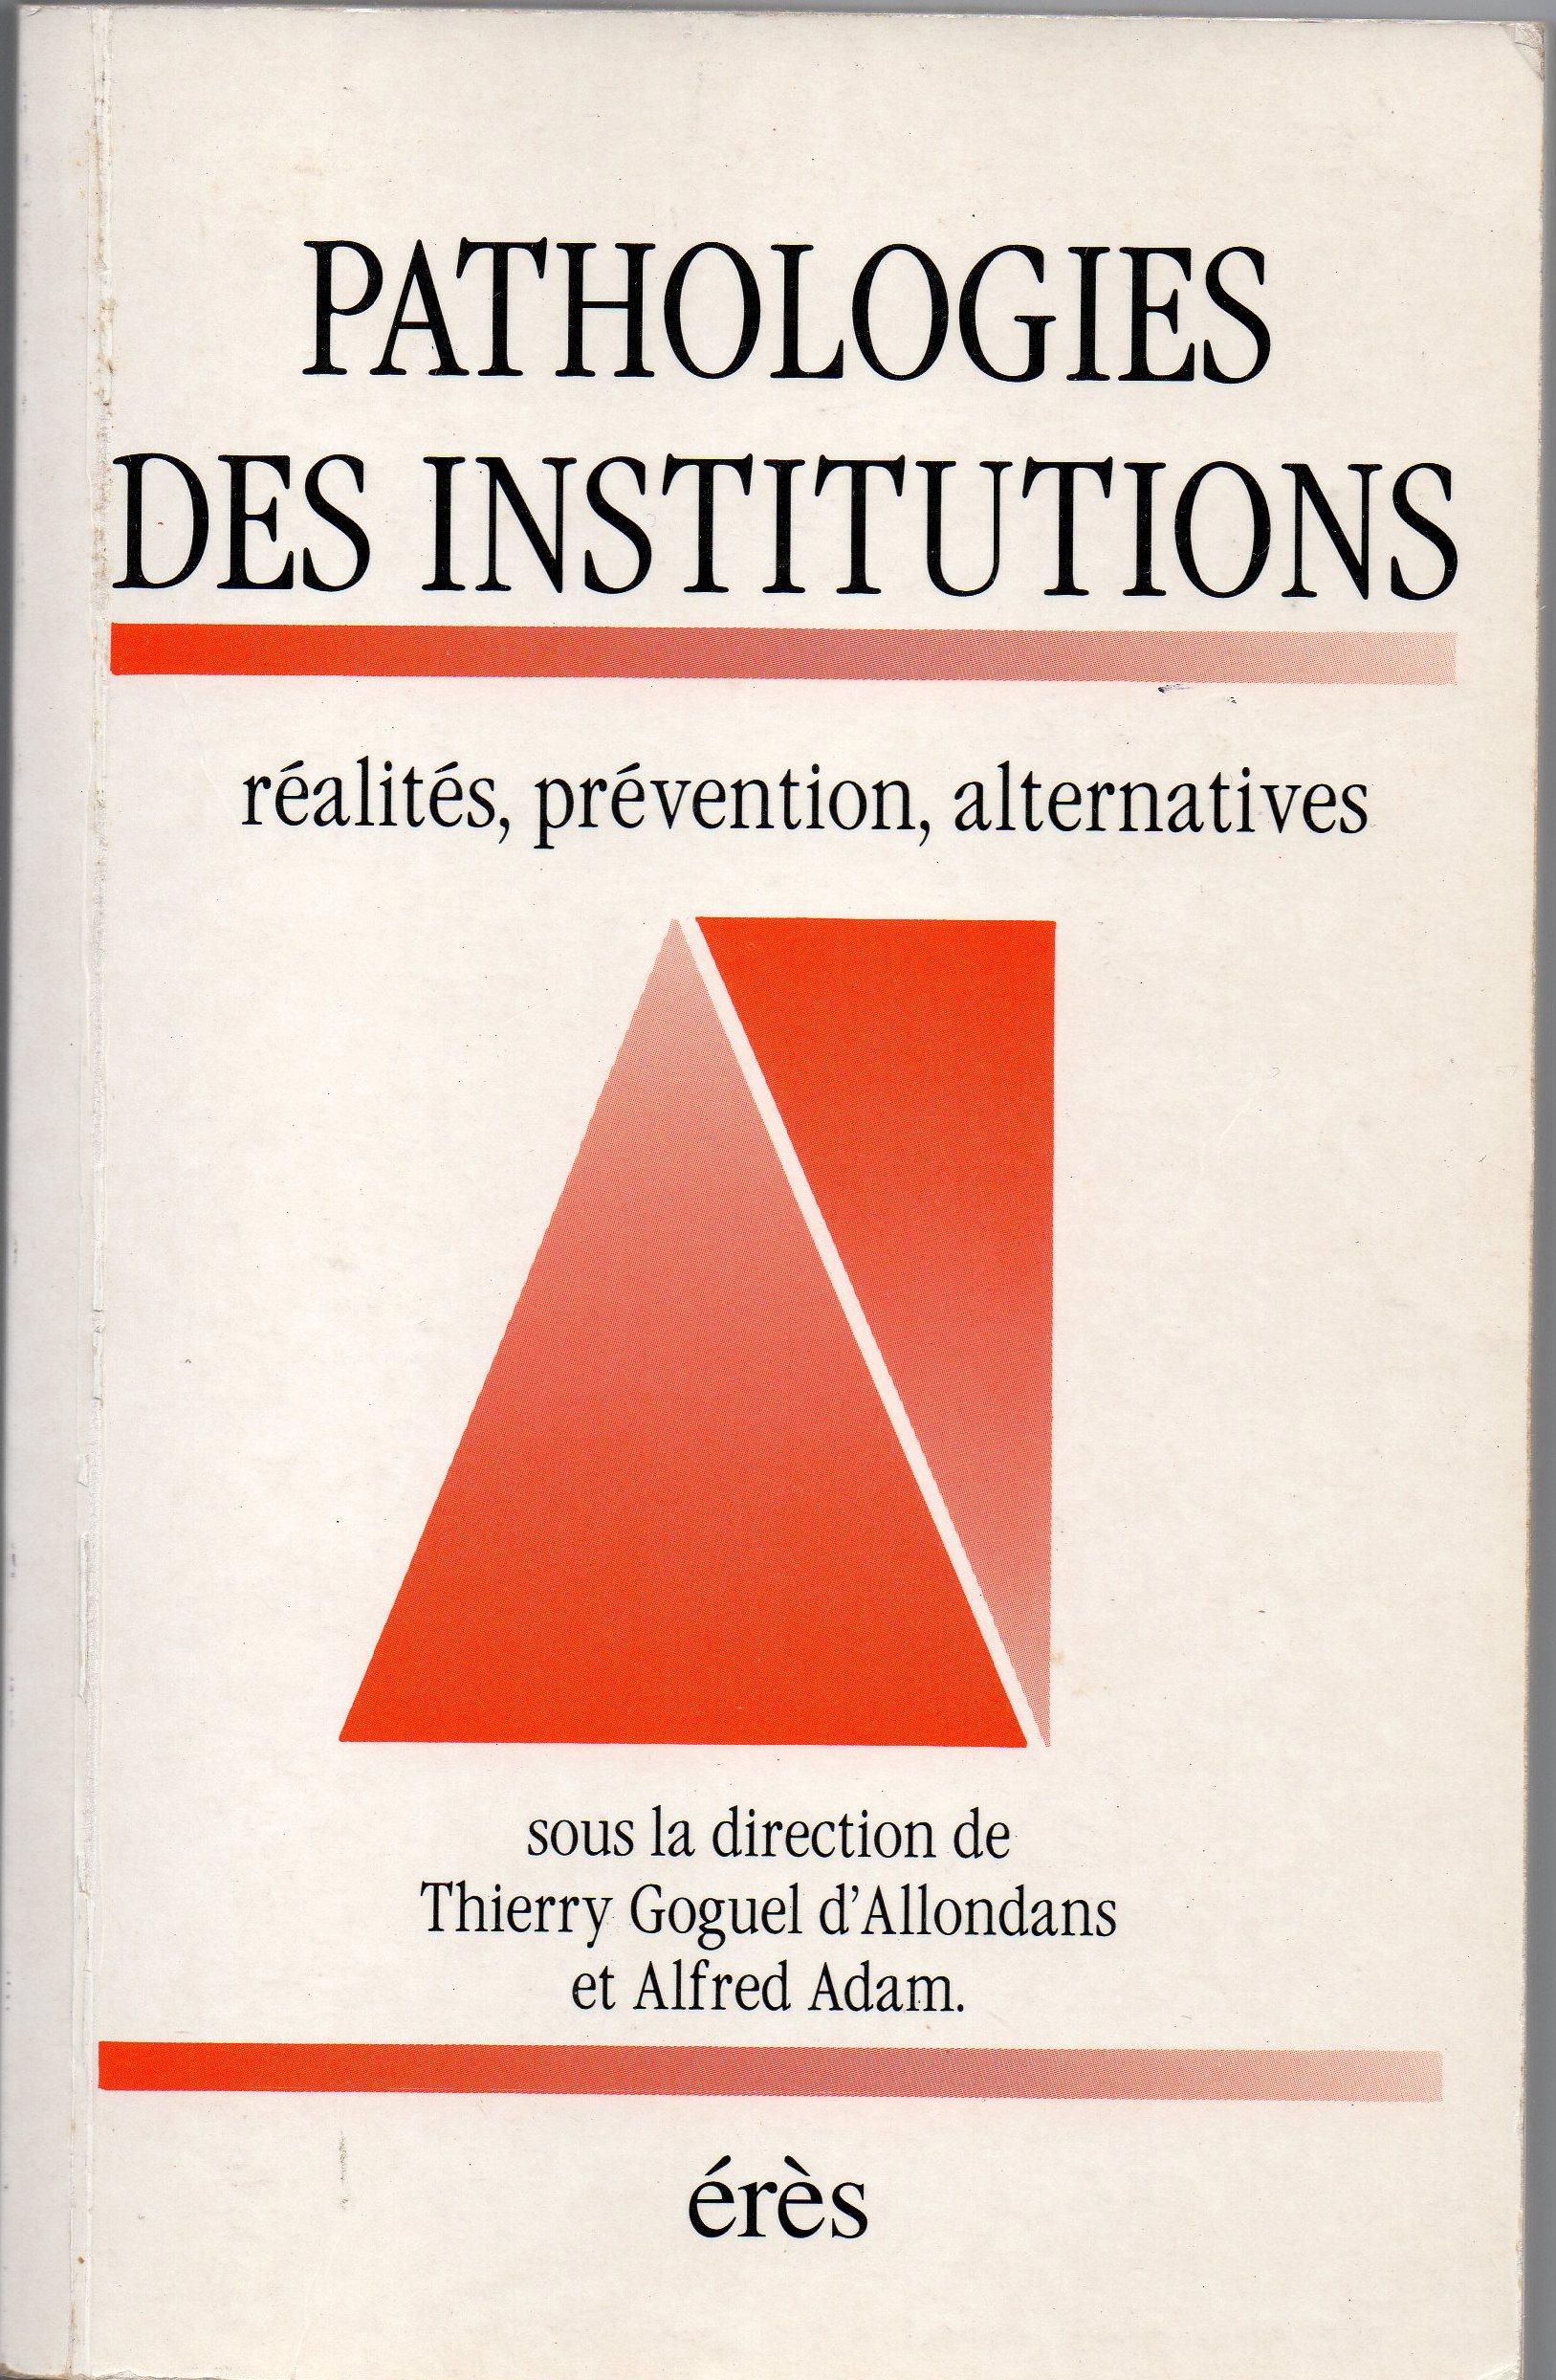 couverture pathologie des institutions.jpg